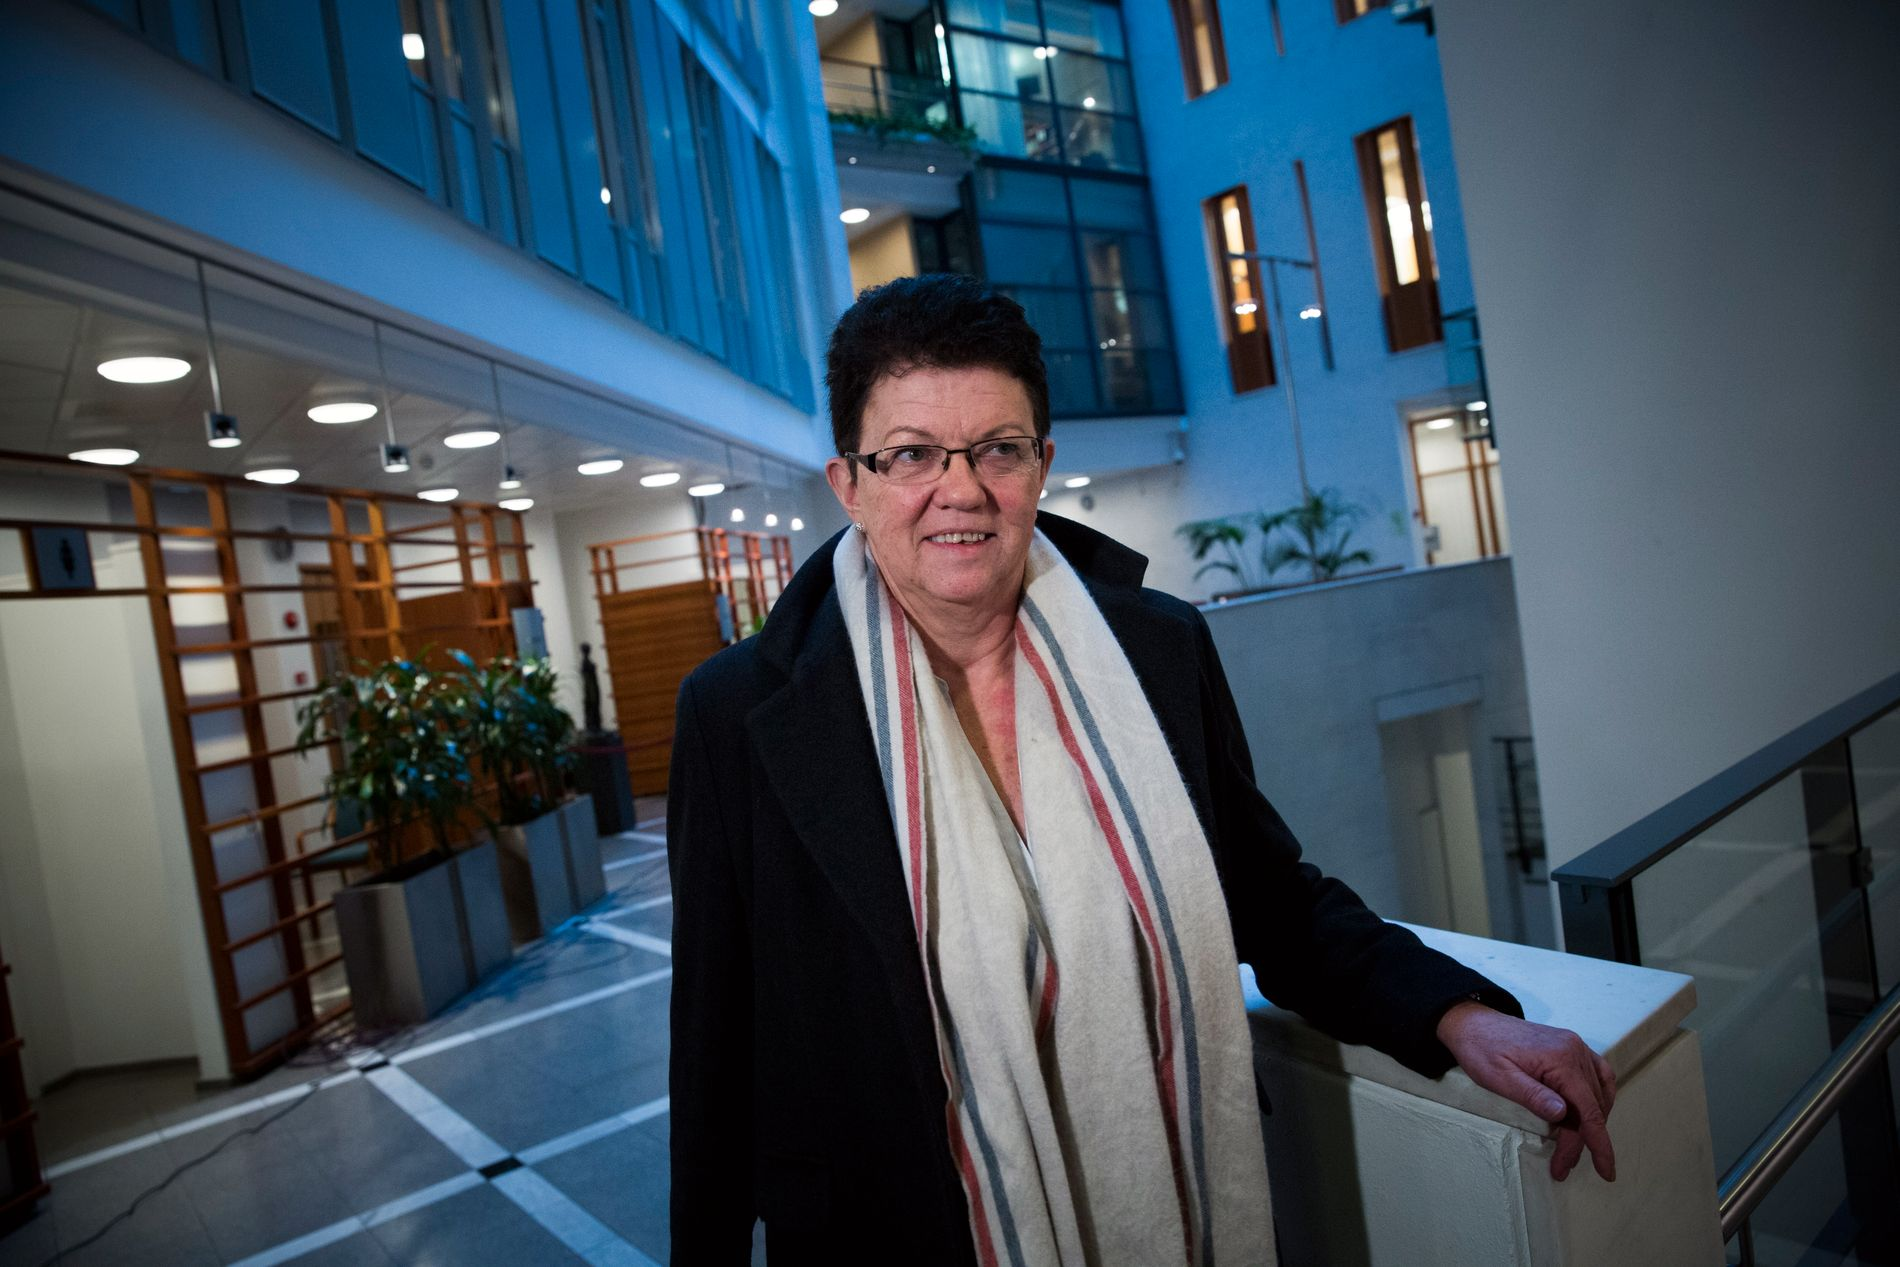 REPRESENTERER FORNÆRMEDE: Klienten (20) til advokat Ellen Holager Andenæs, sier hun ikke ønsker rollen som offer for et overgrep i Unge Høyre-saken.